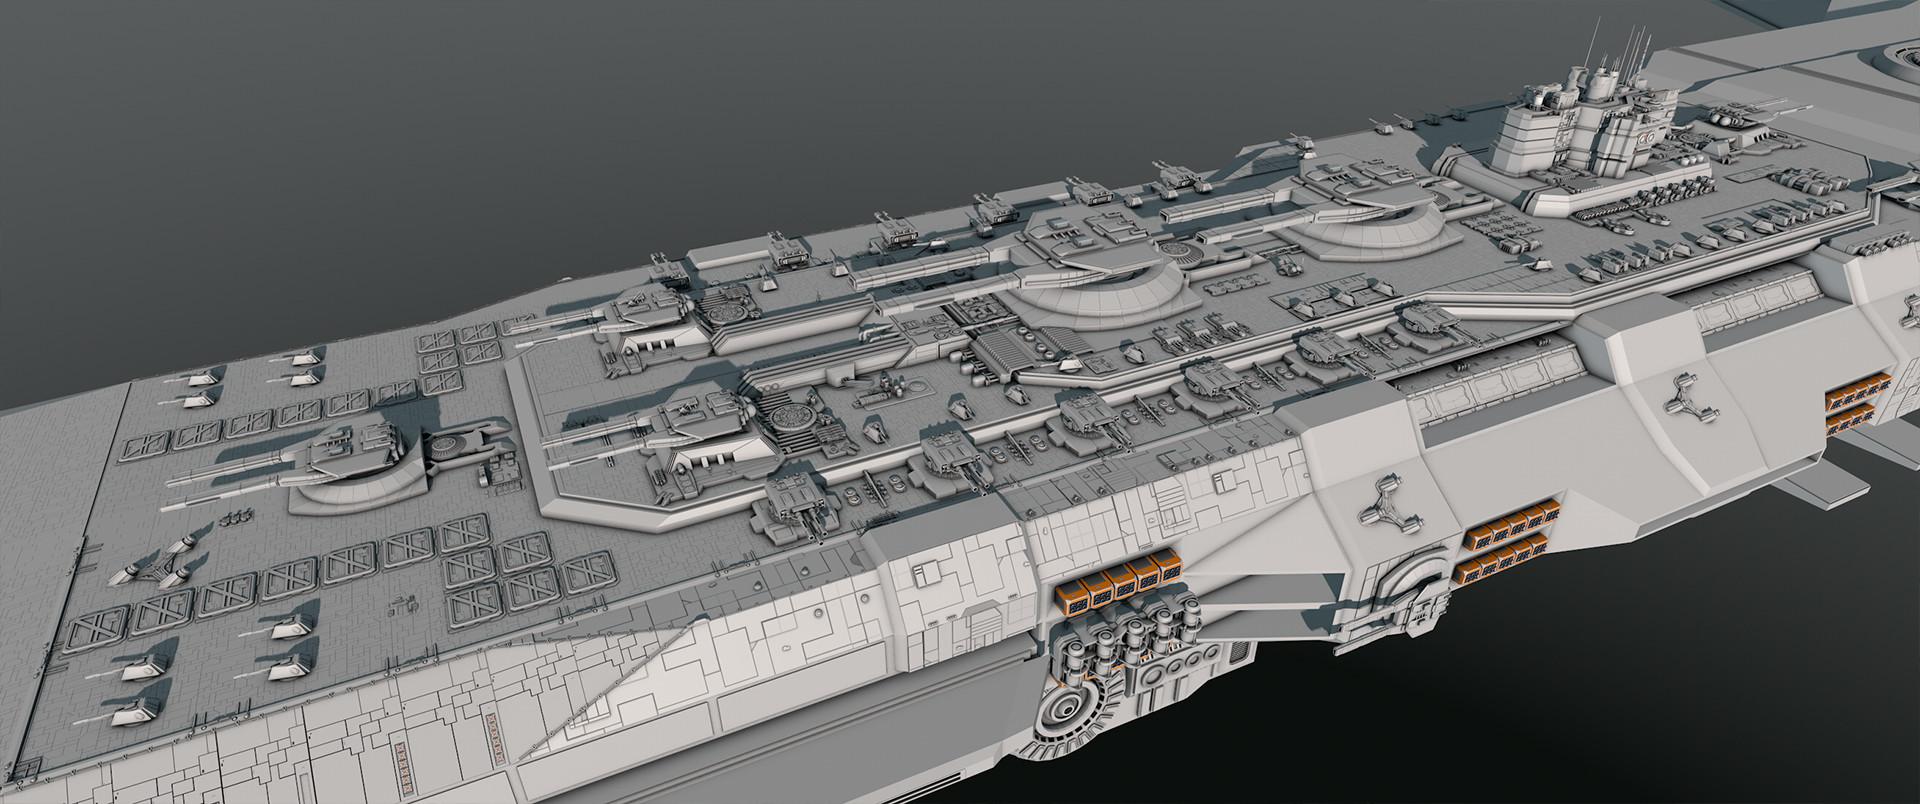 Glenn clovis concept battleship saratoga 37